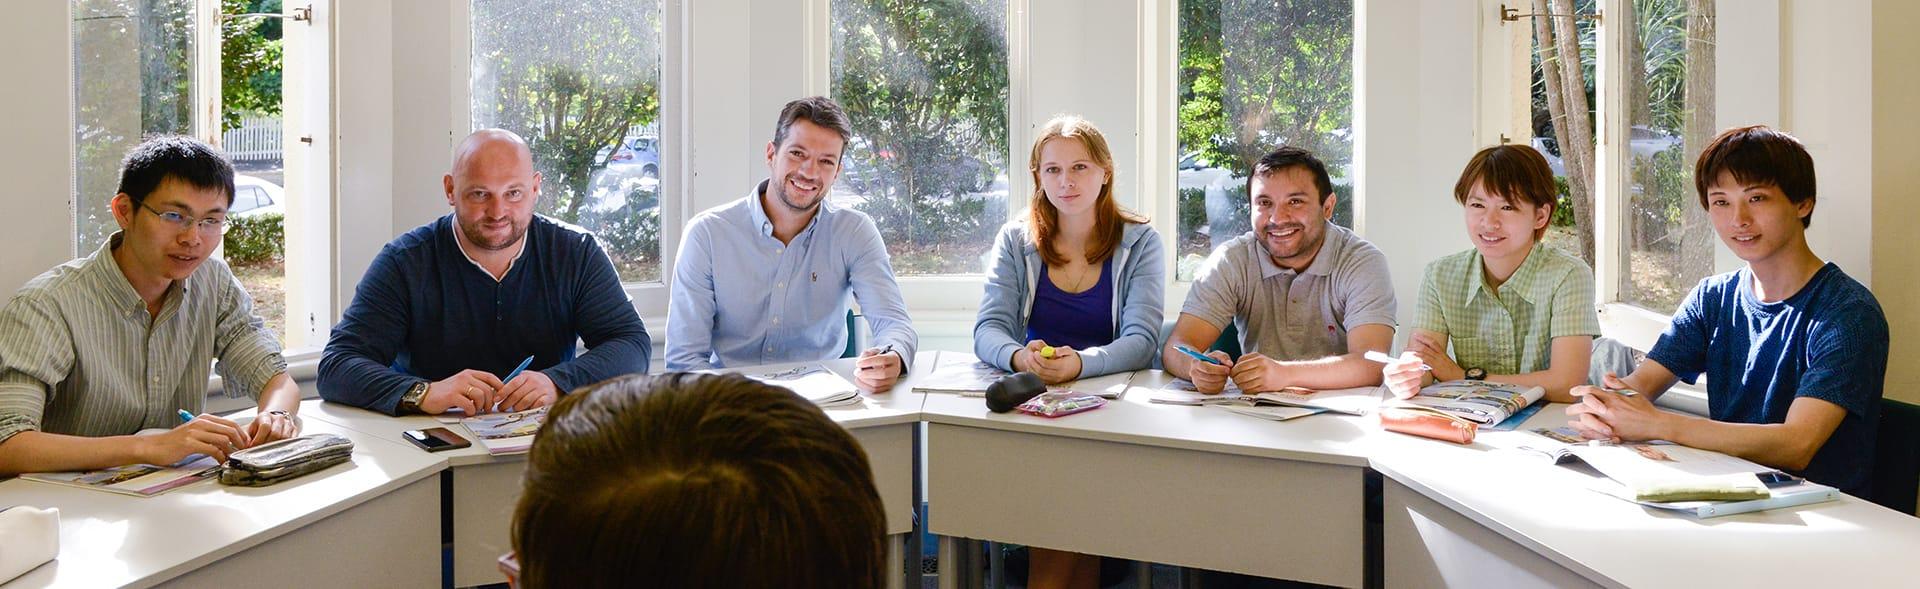 Cambridge C2 Proficiency Exam Preparation Course